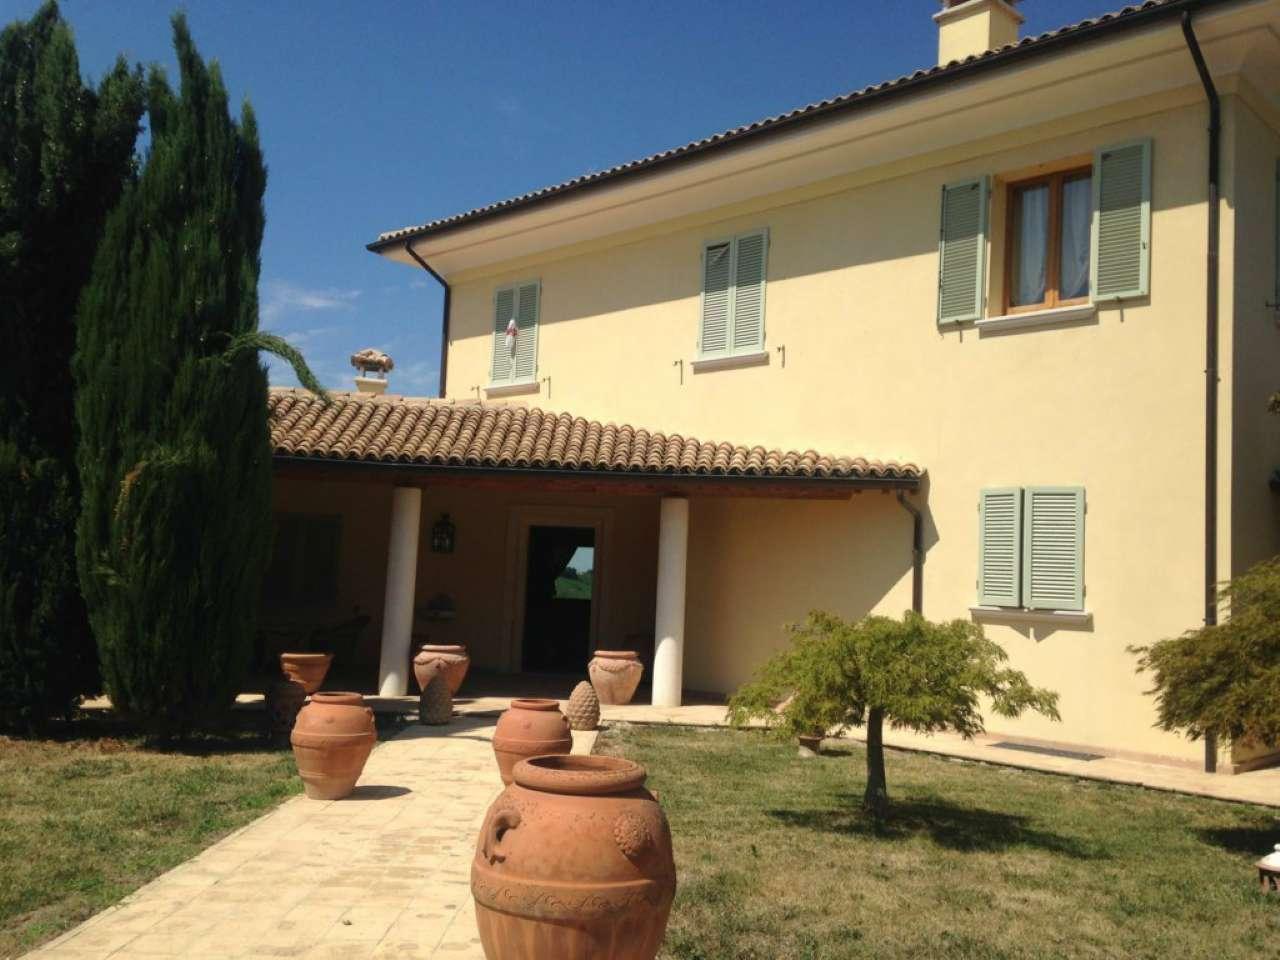 Villa in vendita a Cesena, 15 locali, Trattative riservate | CambioCasa.it